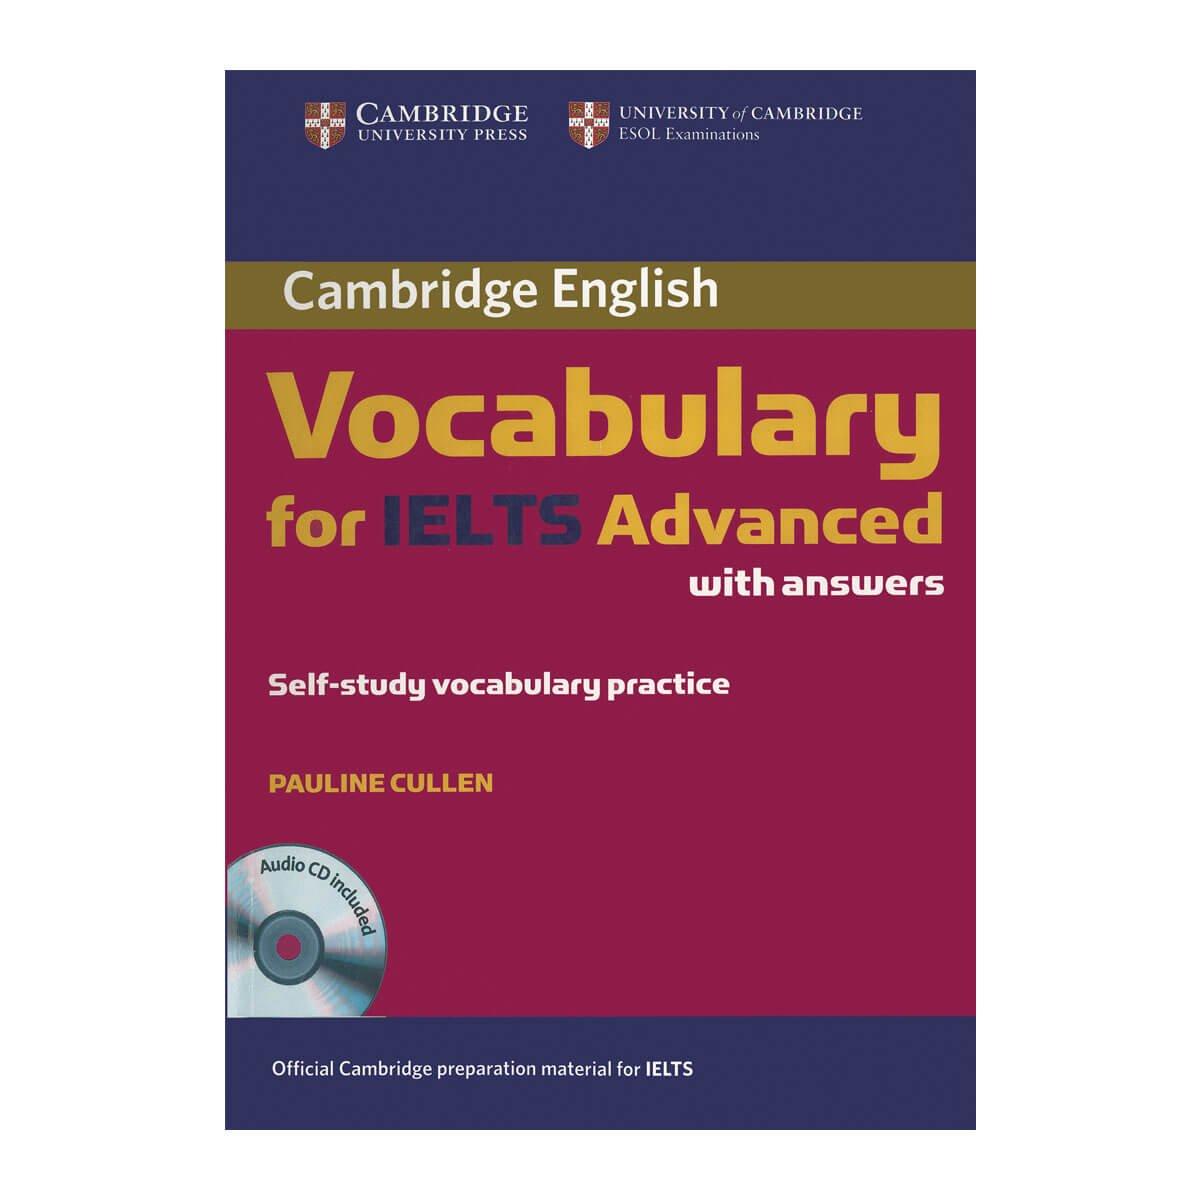 Sách học từ vựng IELTS hiệu quả - Vocabulary for IELTS advance by Cambridge